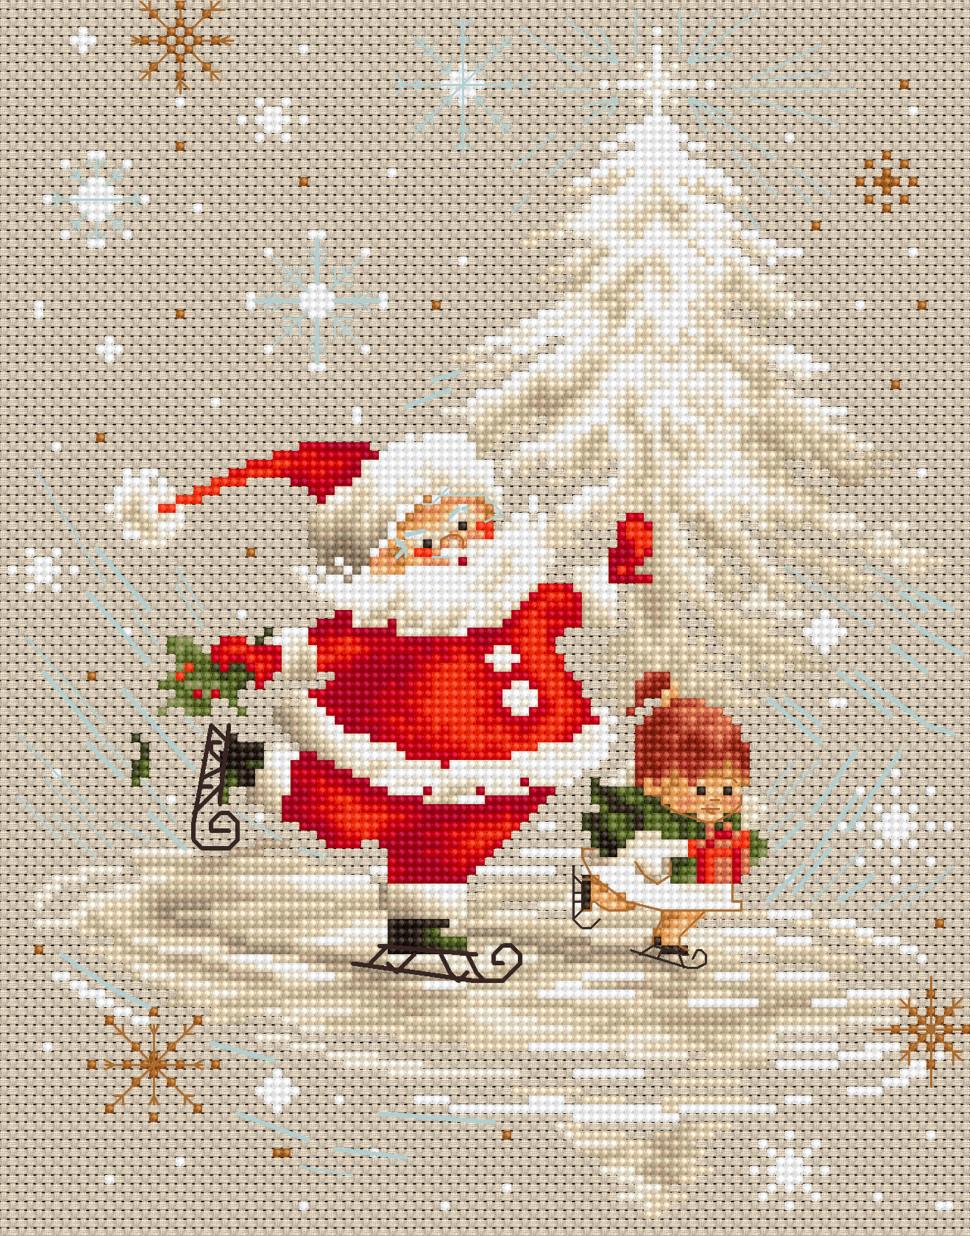 Вышивка крестом картин с изображением Деда Мороза 85